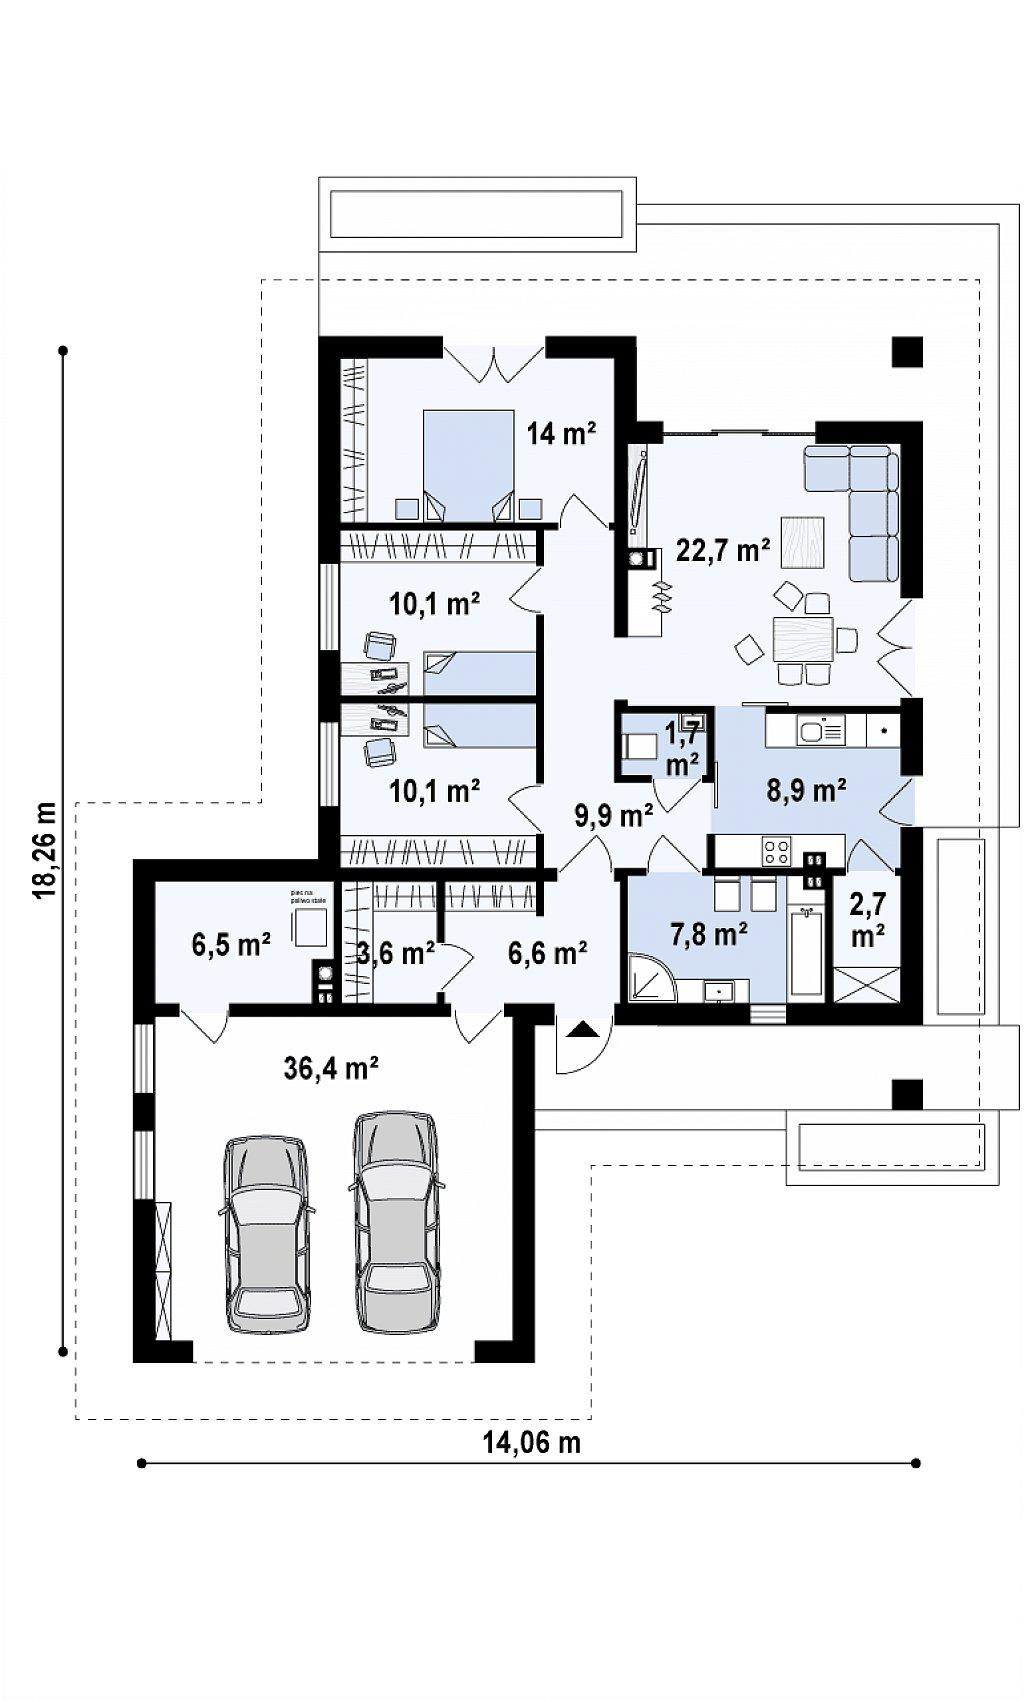 Одноэтажный дом с гаражом на две машины план помещений 1